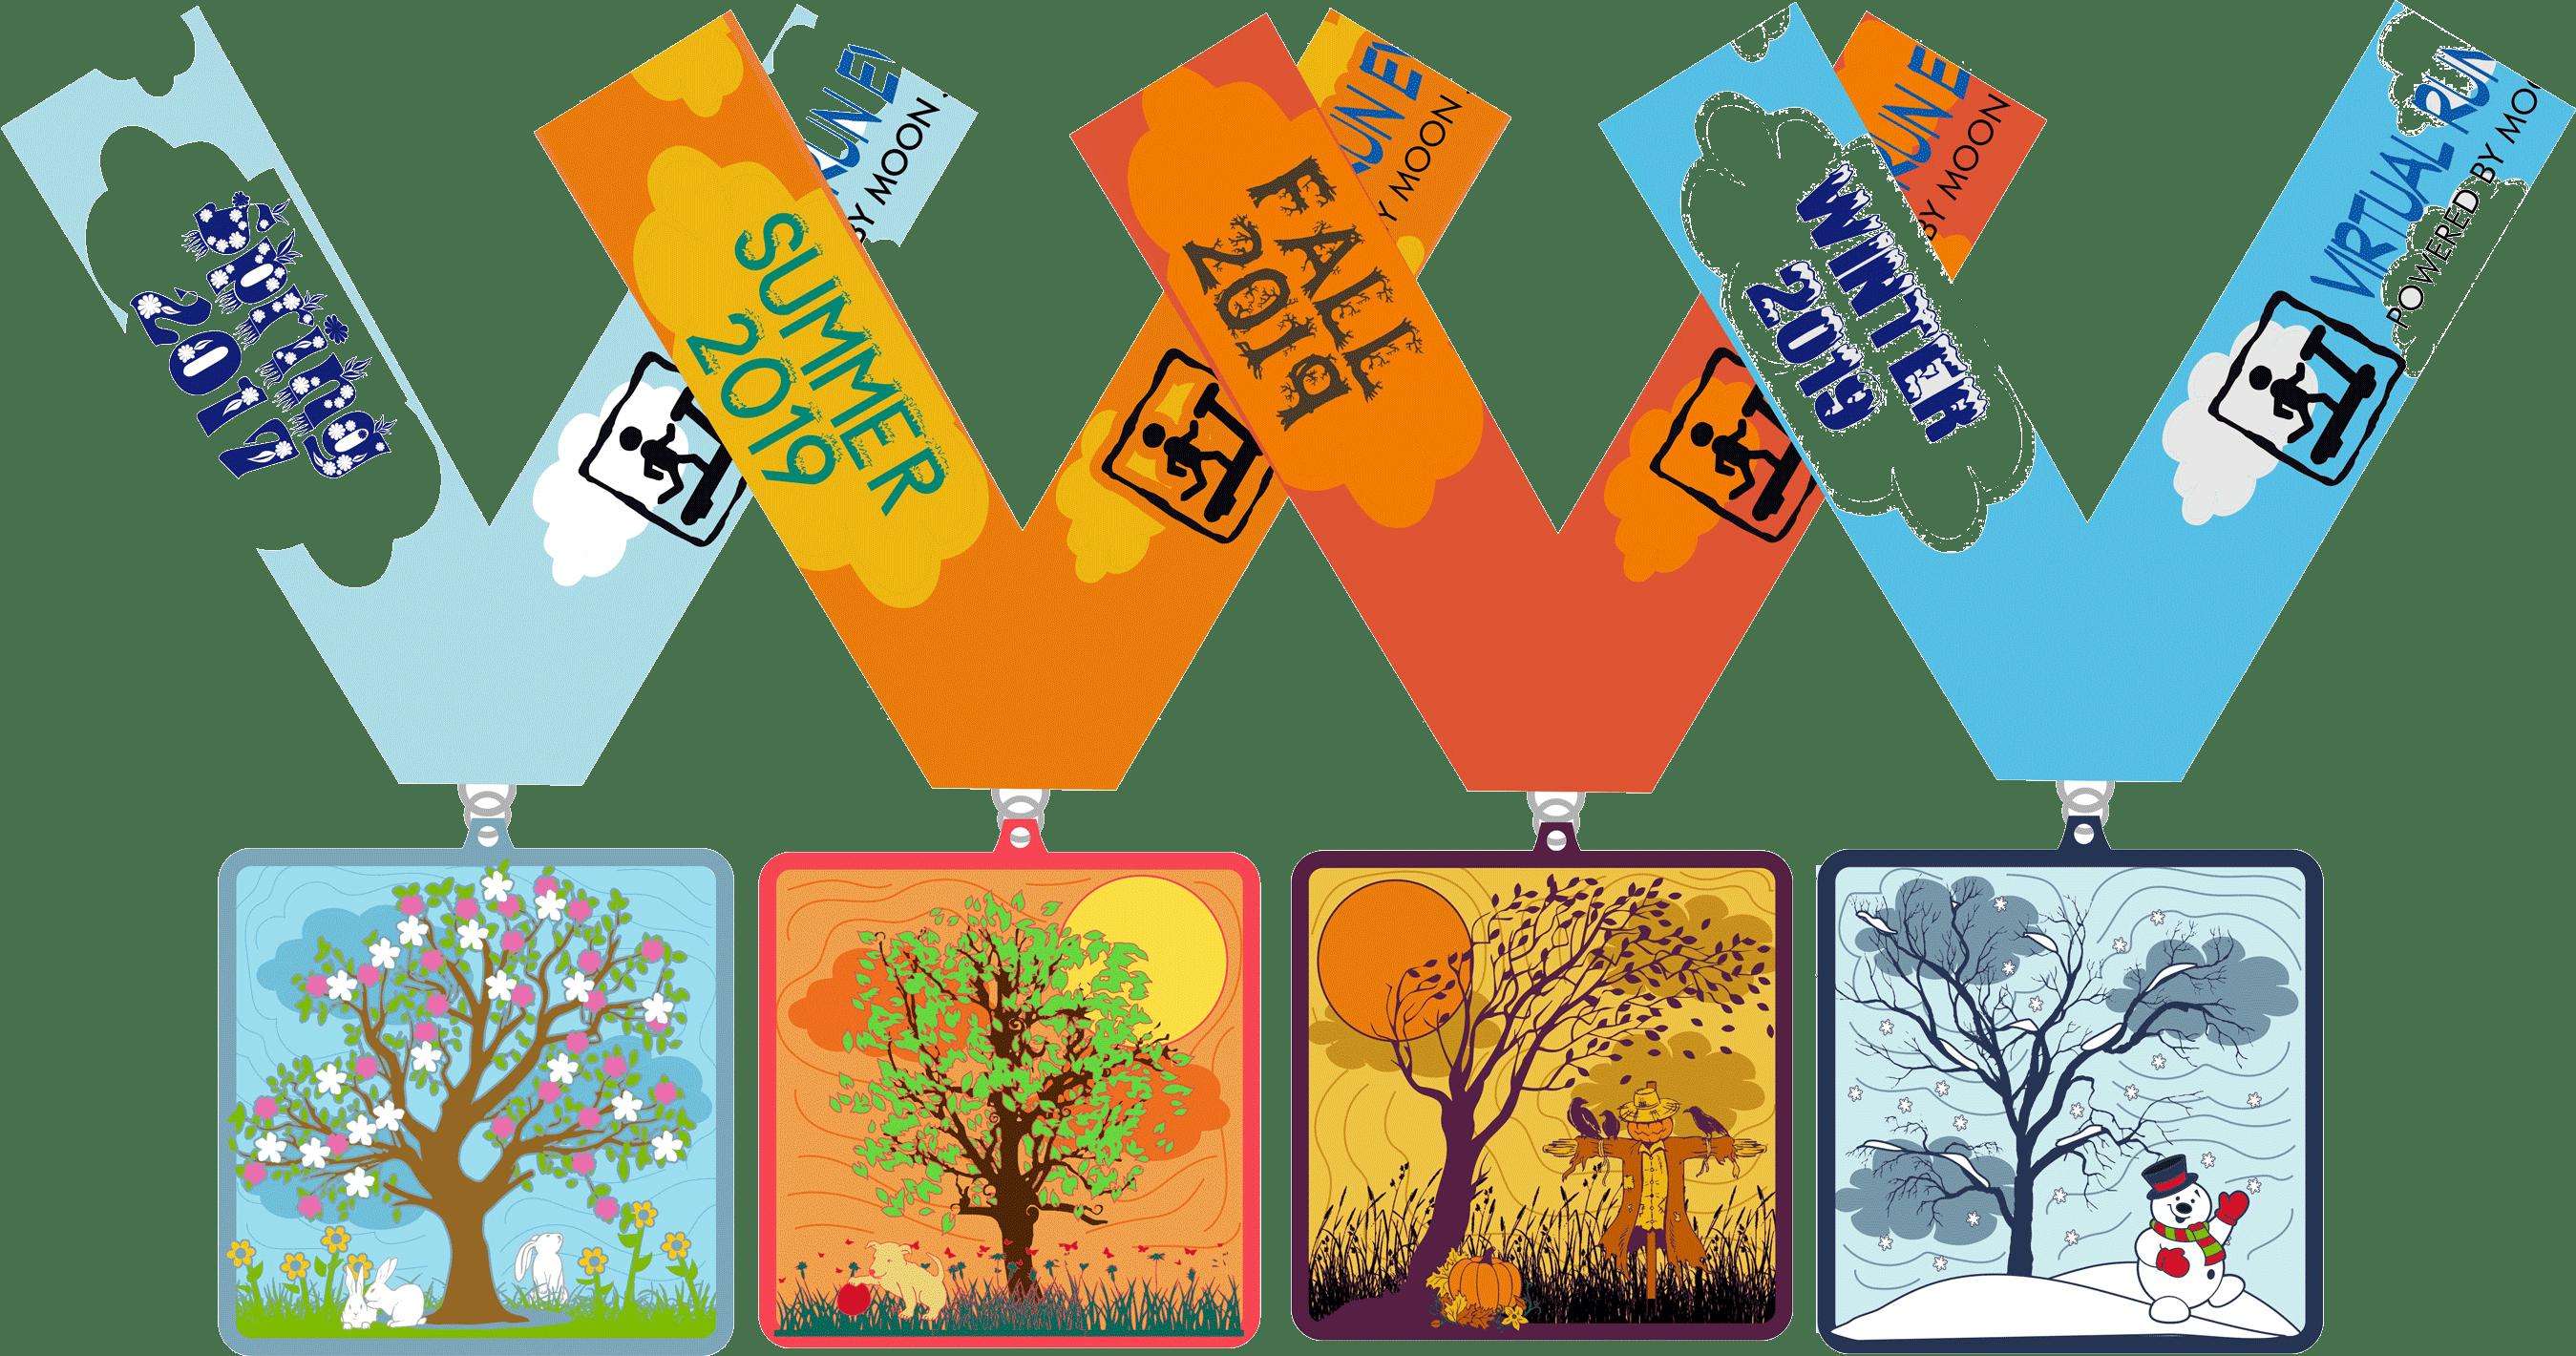 2019 Four Seasons, Four Miles - Spring, Summer, Autumn, Winter - Miami